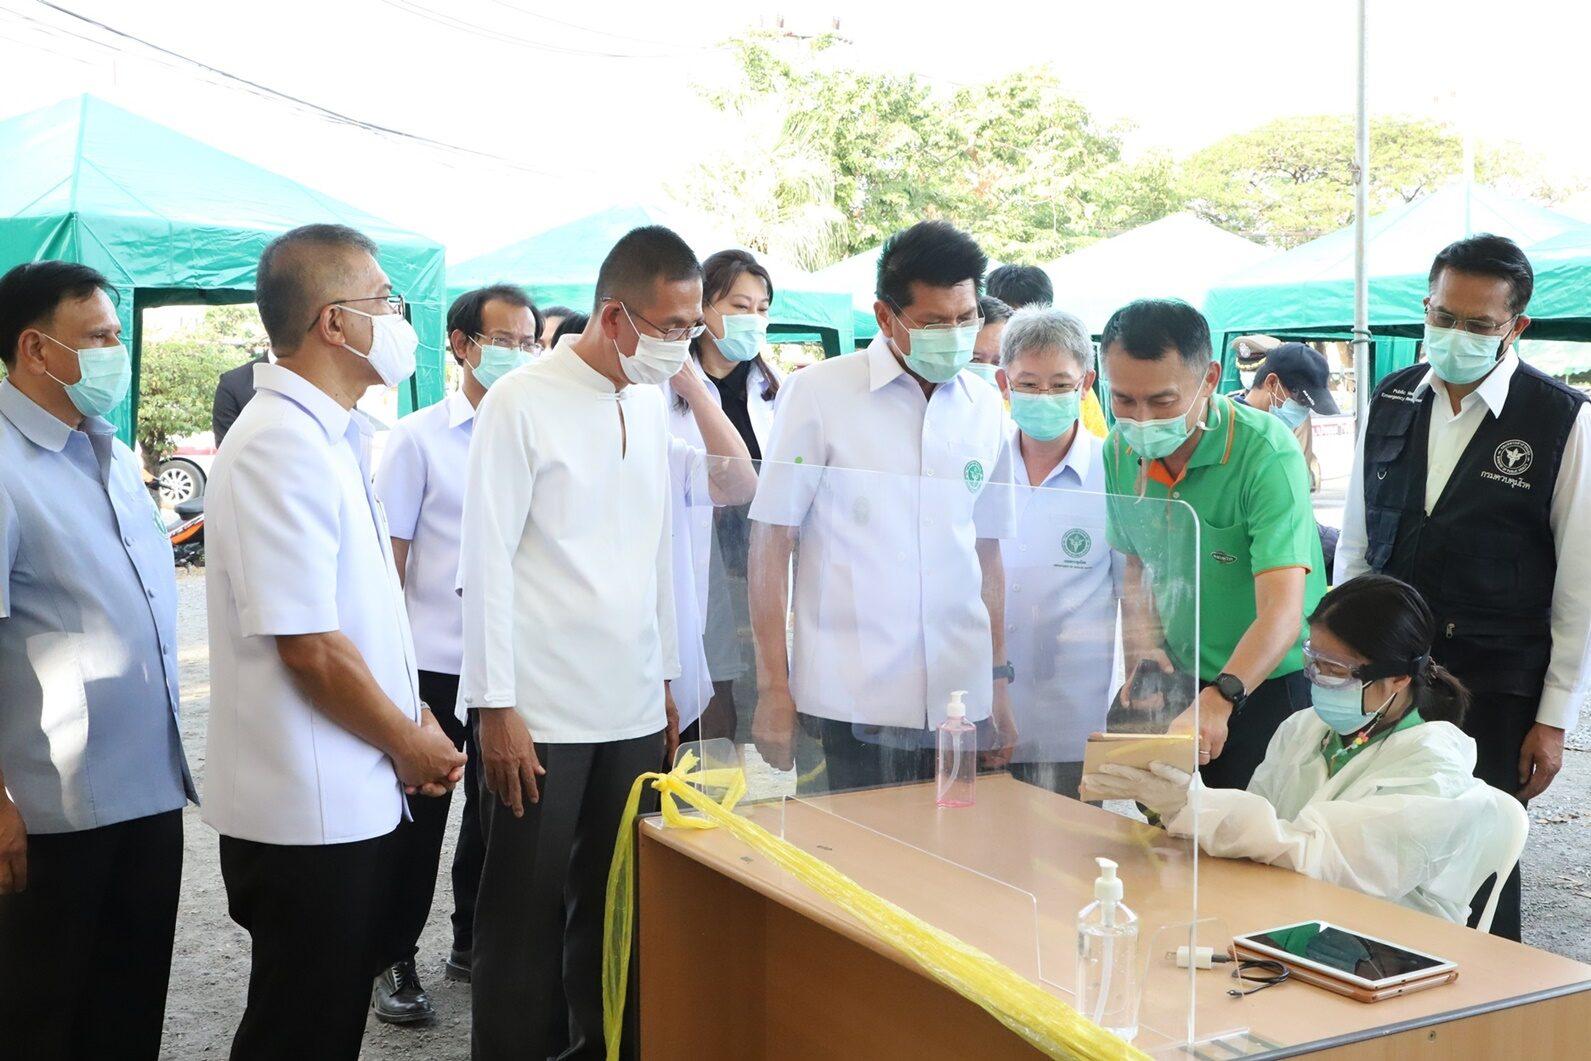 รมช.สาธารณสุข ส่งทีมแพทย์ตรวจคัดกรองแรงงานพม่า ตลาดไท ปทุมธานี